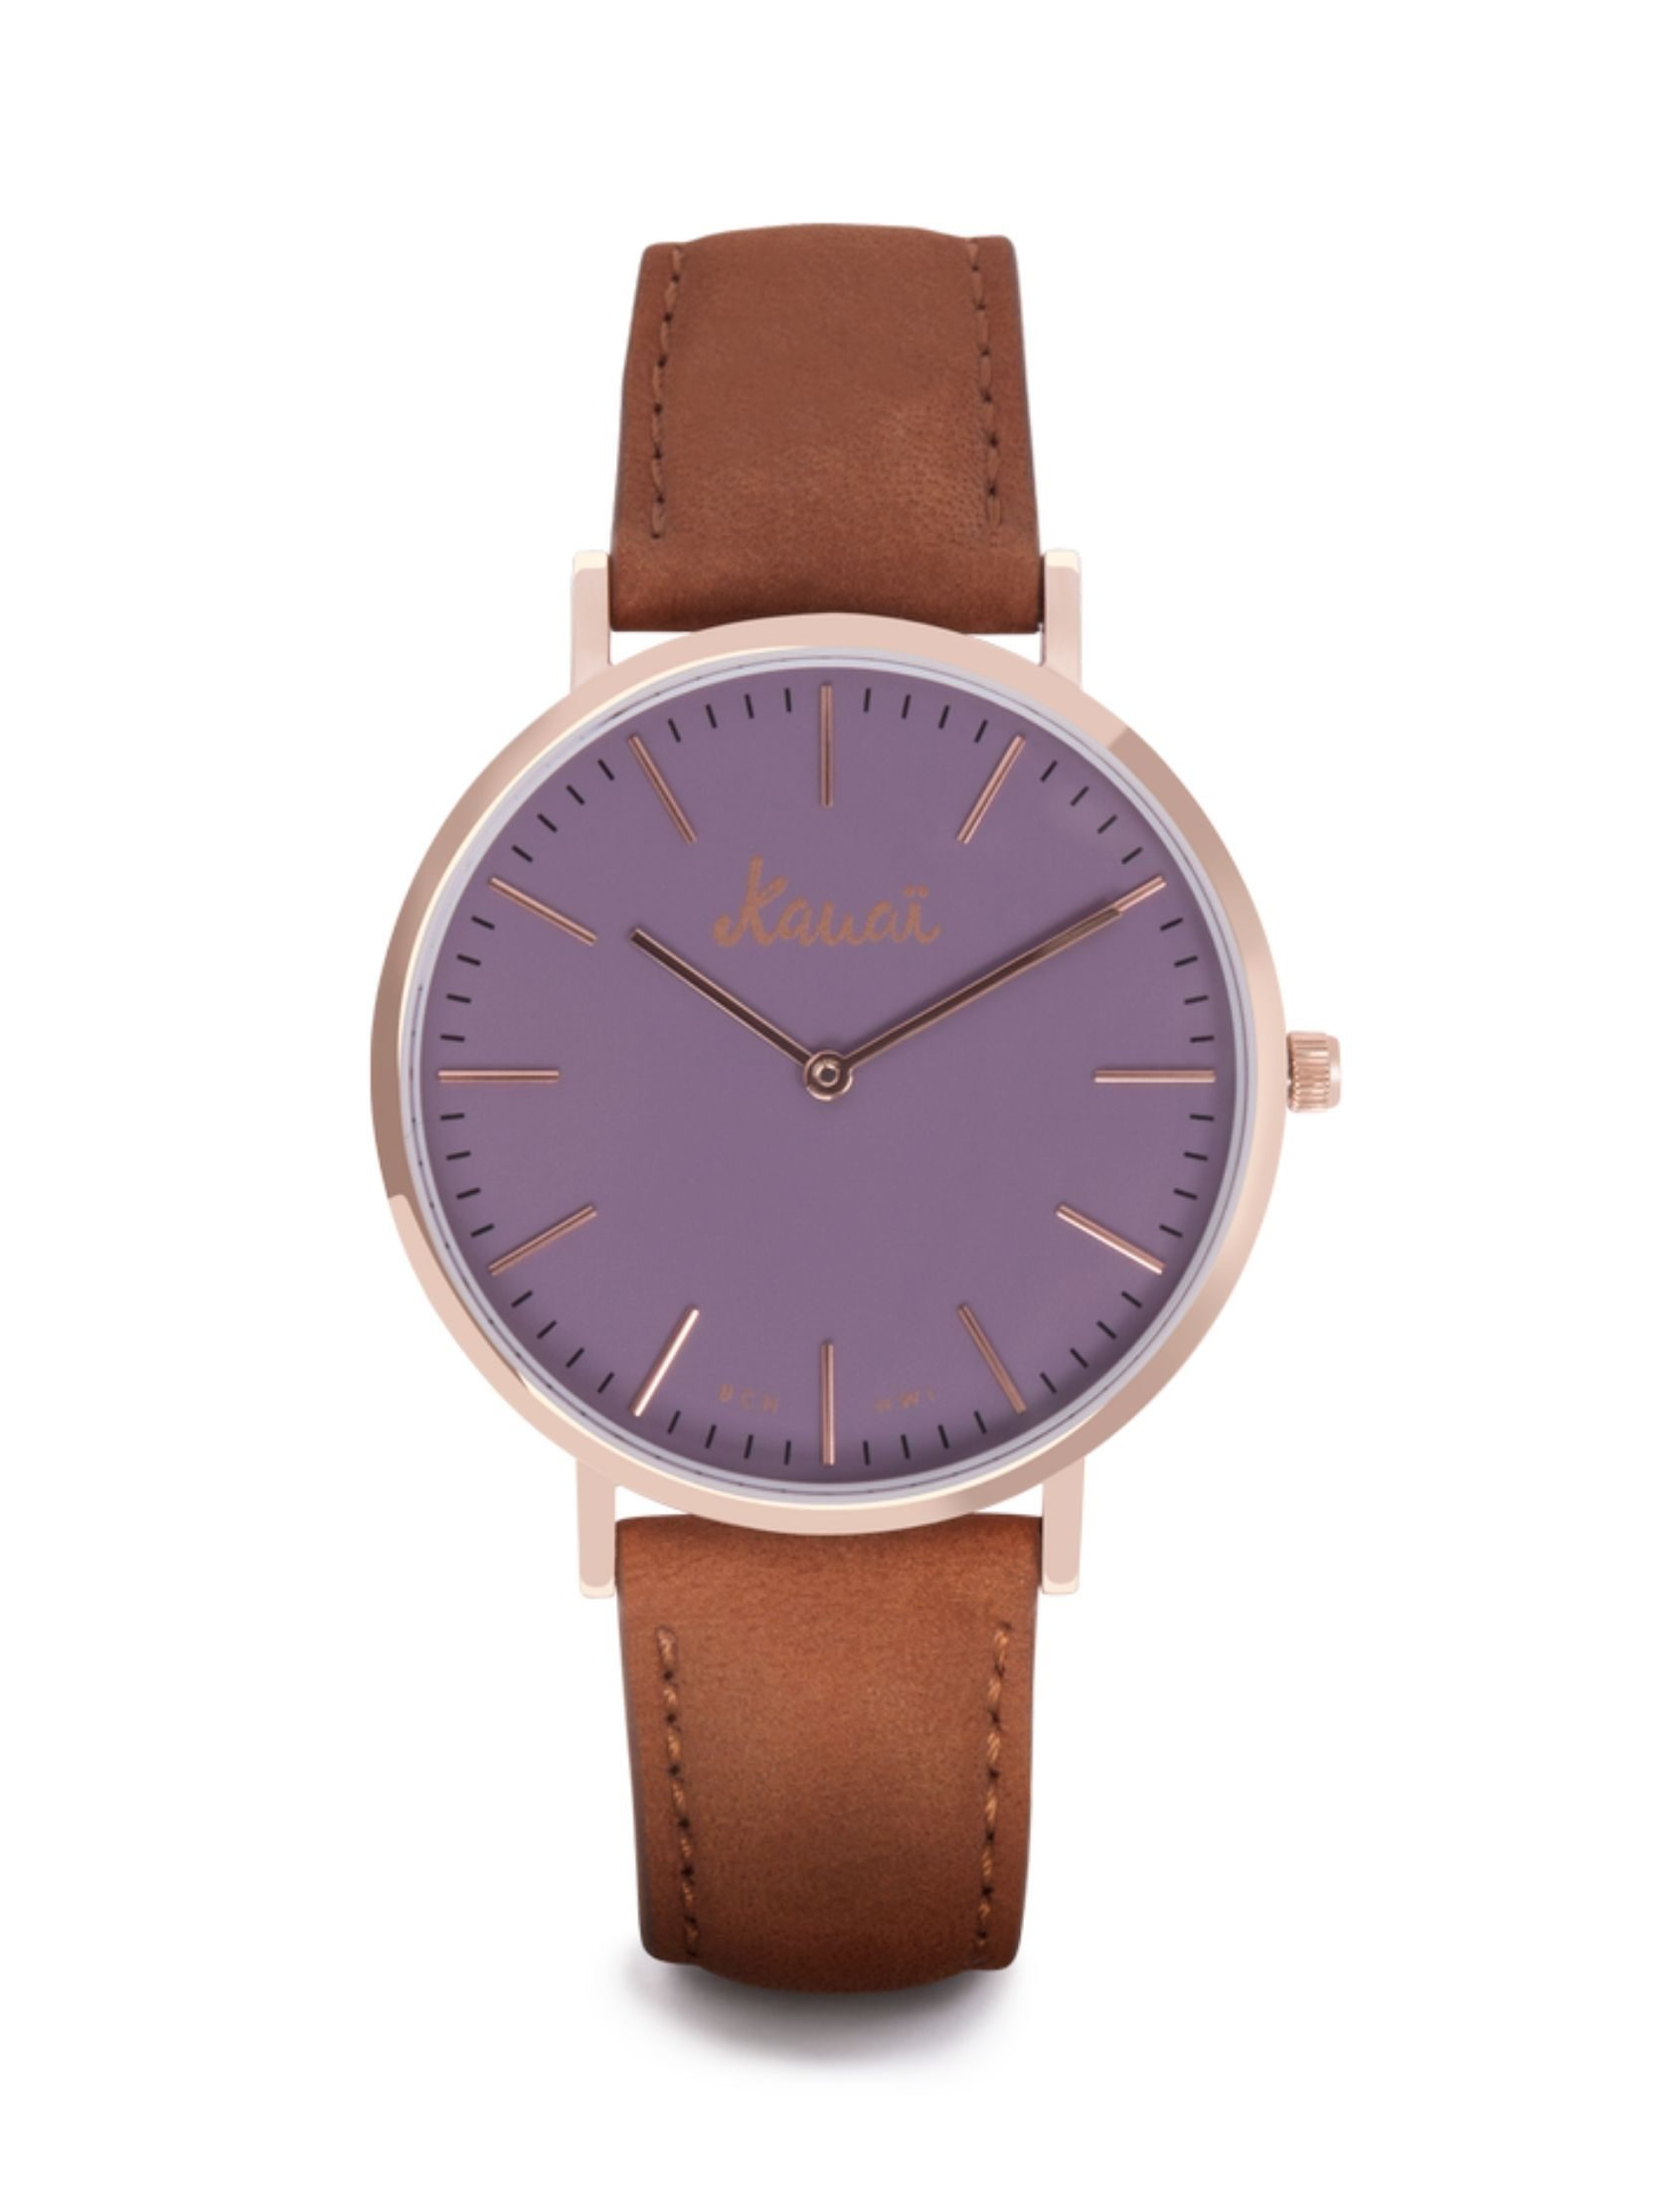 Reloj Napali Purple con correa de cuero y esfera violeta